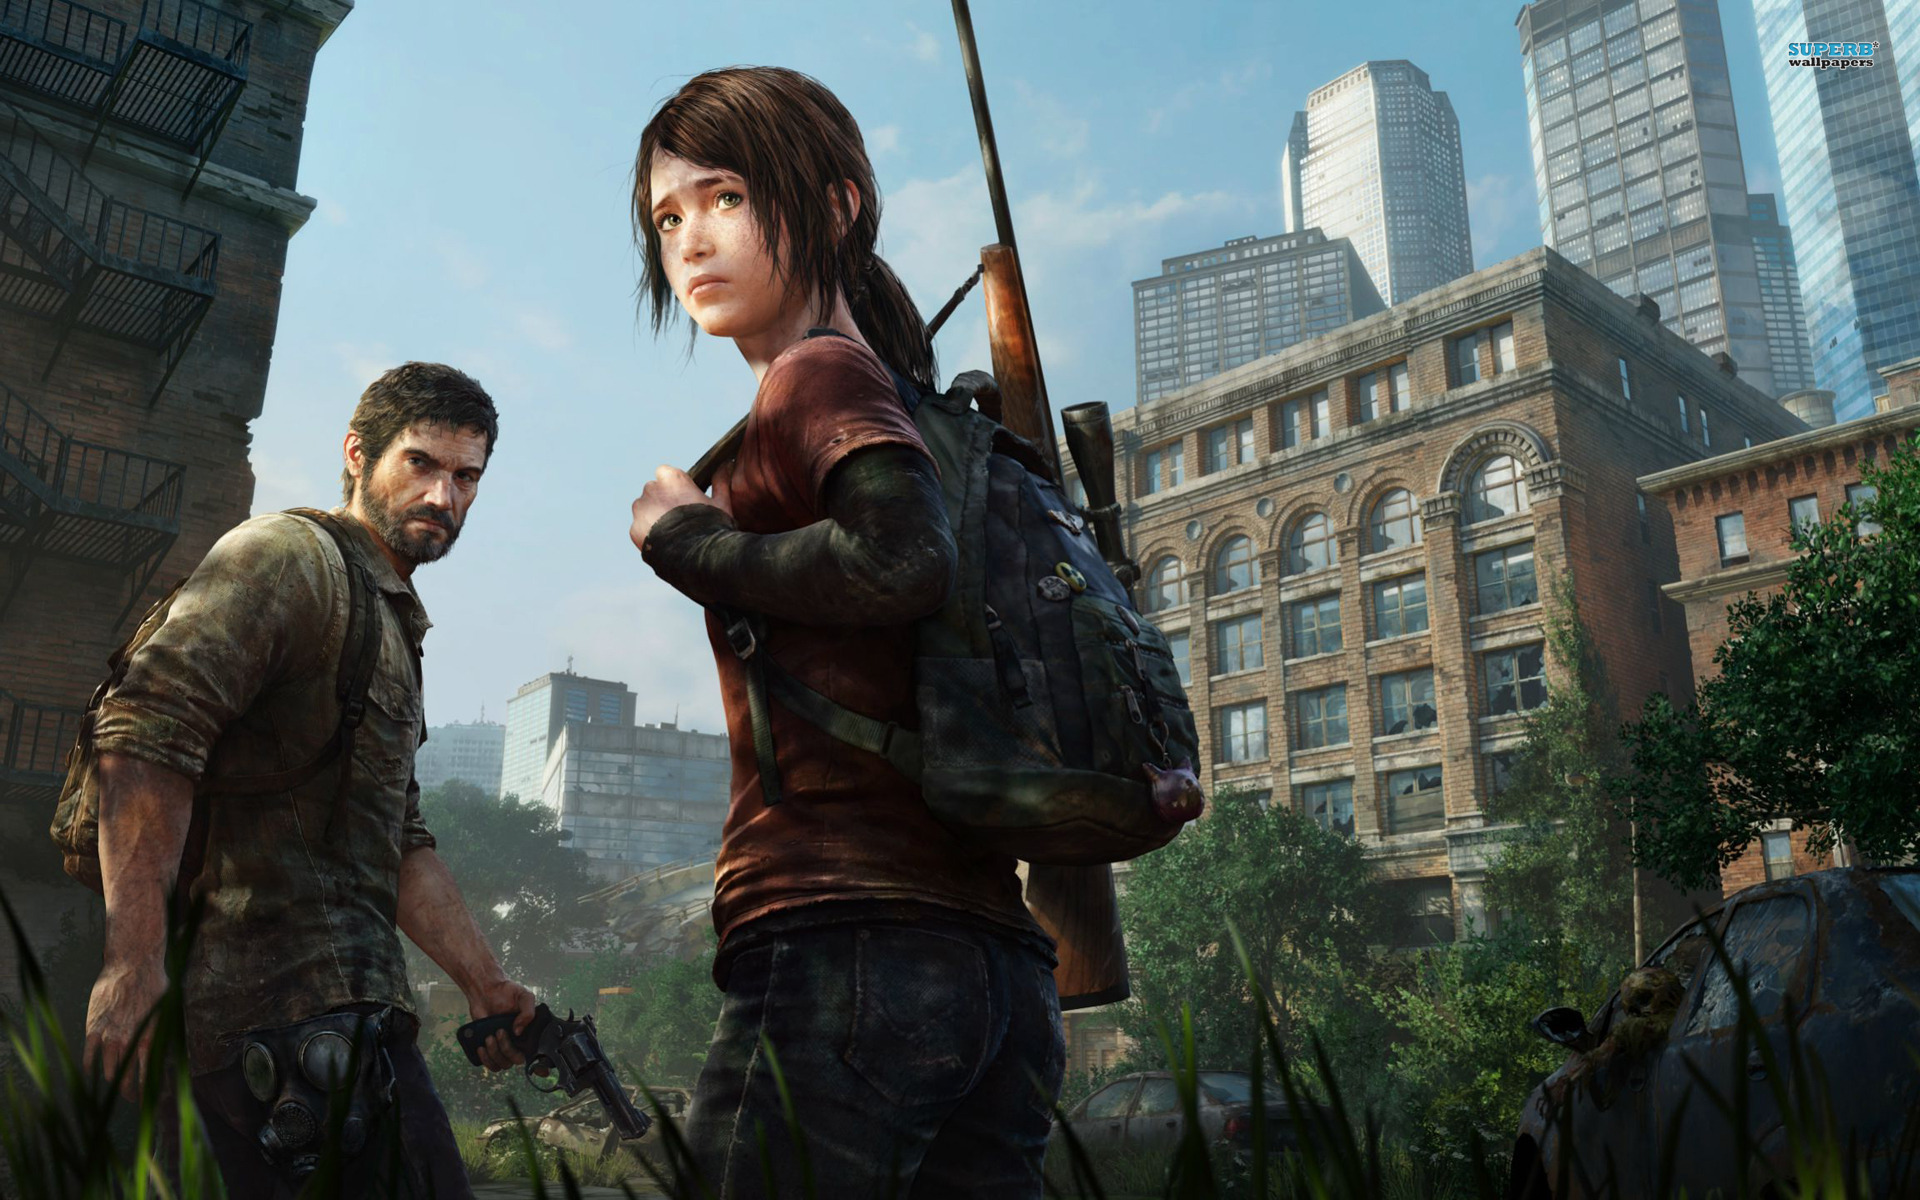 Description The Last of Us Games Wallpaper HD is a hi res Wallpaper 1920x1200